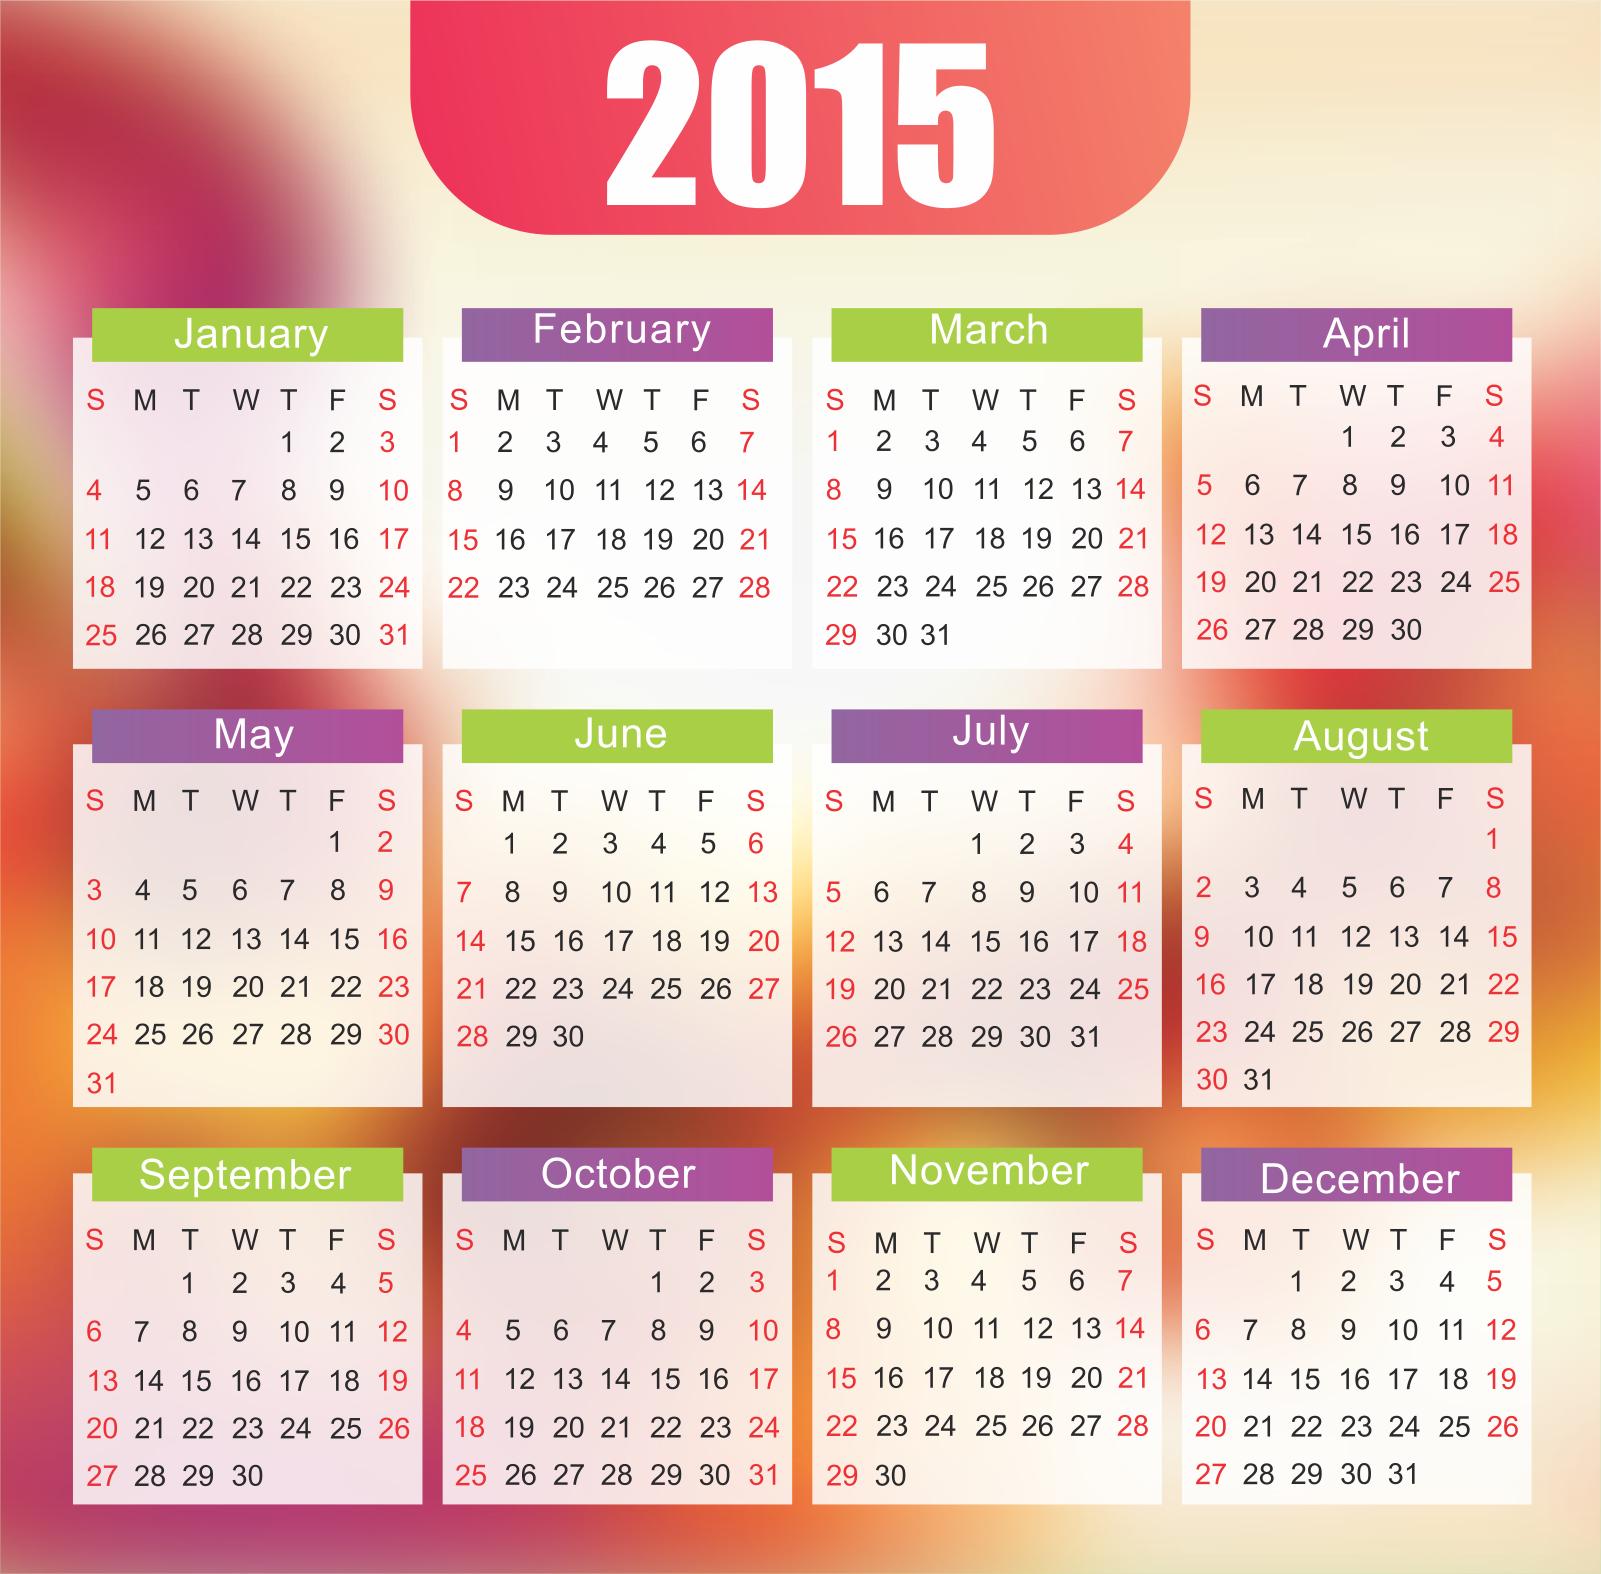 2015 Calendar Wallpaper 2015 Calendar Download Calendar 1601x1574